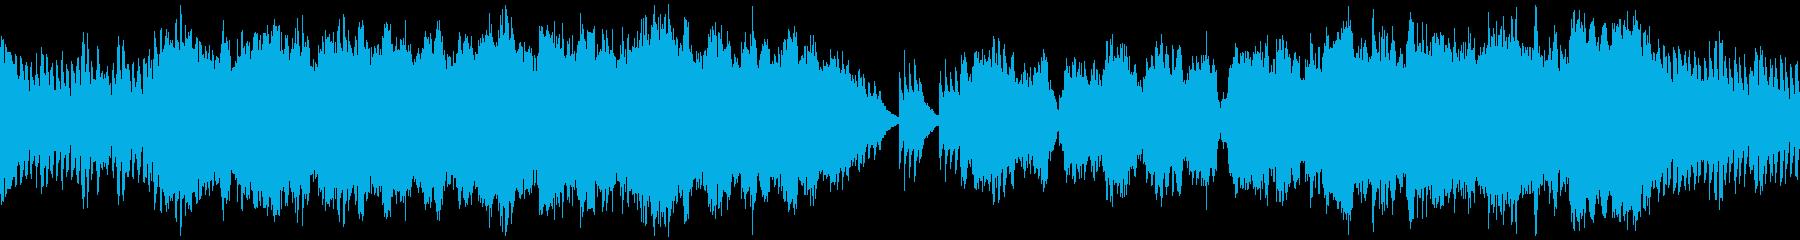 雄大で感動的な和風オーケストラ ループの再生済みの波形